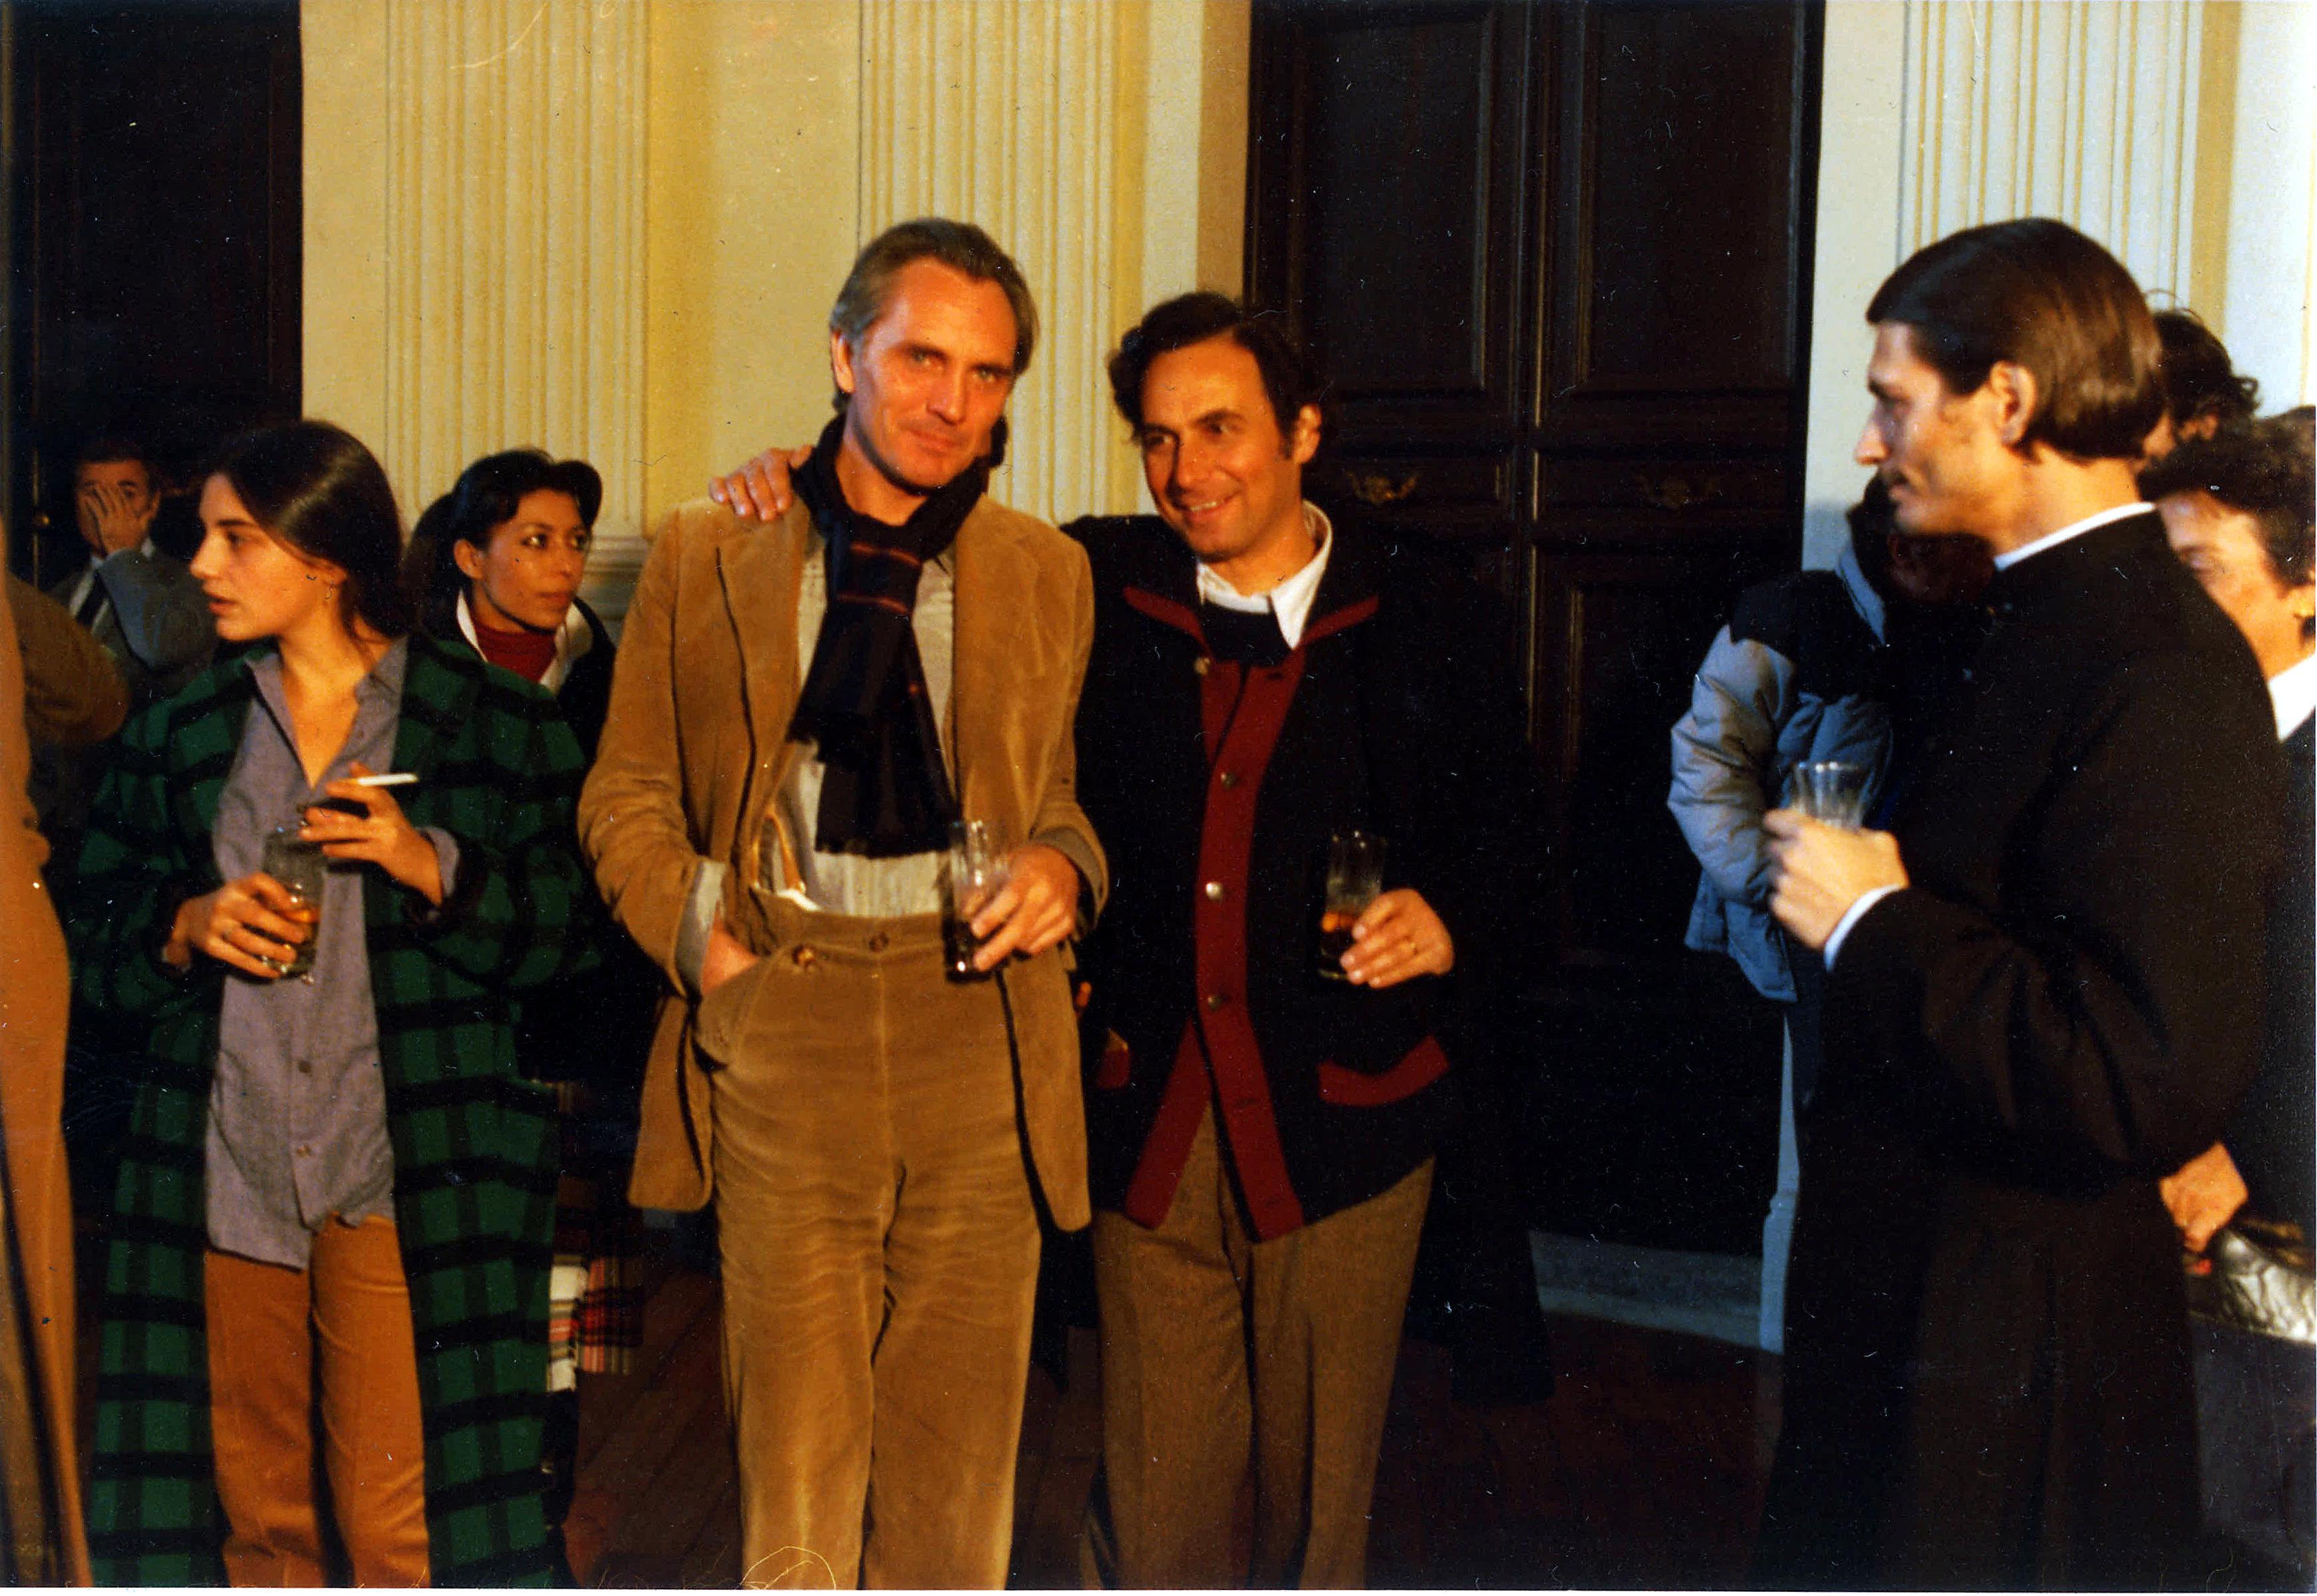 From left: Paula Molina, Terence Stamp, Marcello Aliprandi, Fabrizio Bentivoglio (on the set).